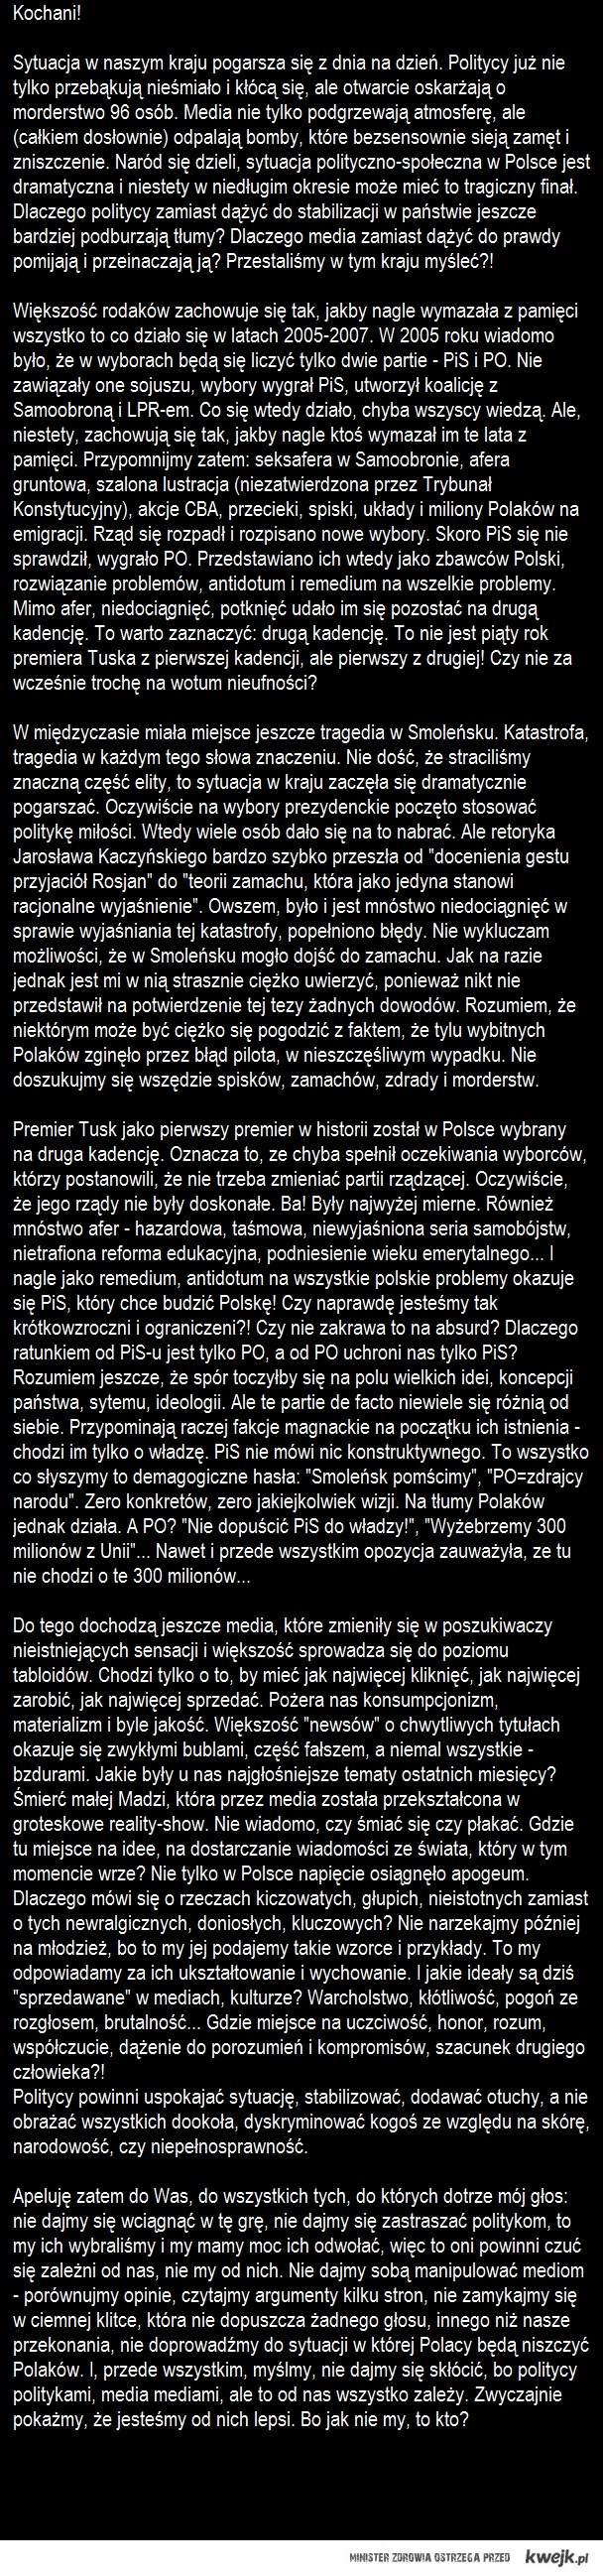 List do Polaków - zacznijmy myśleć!